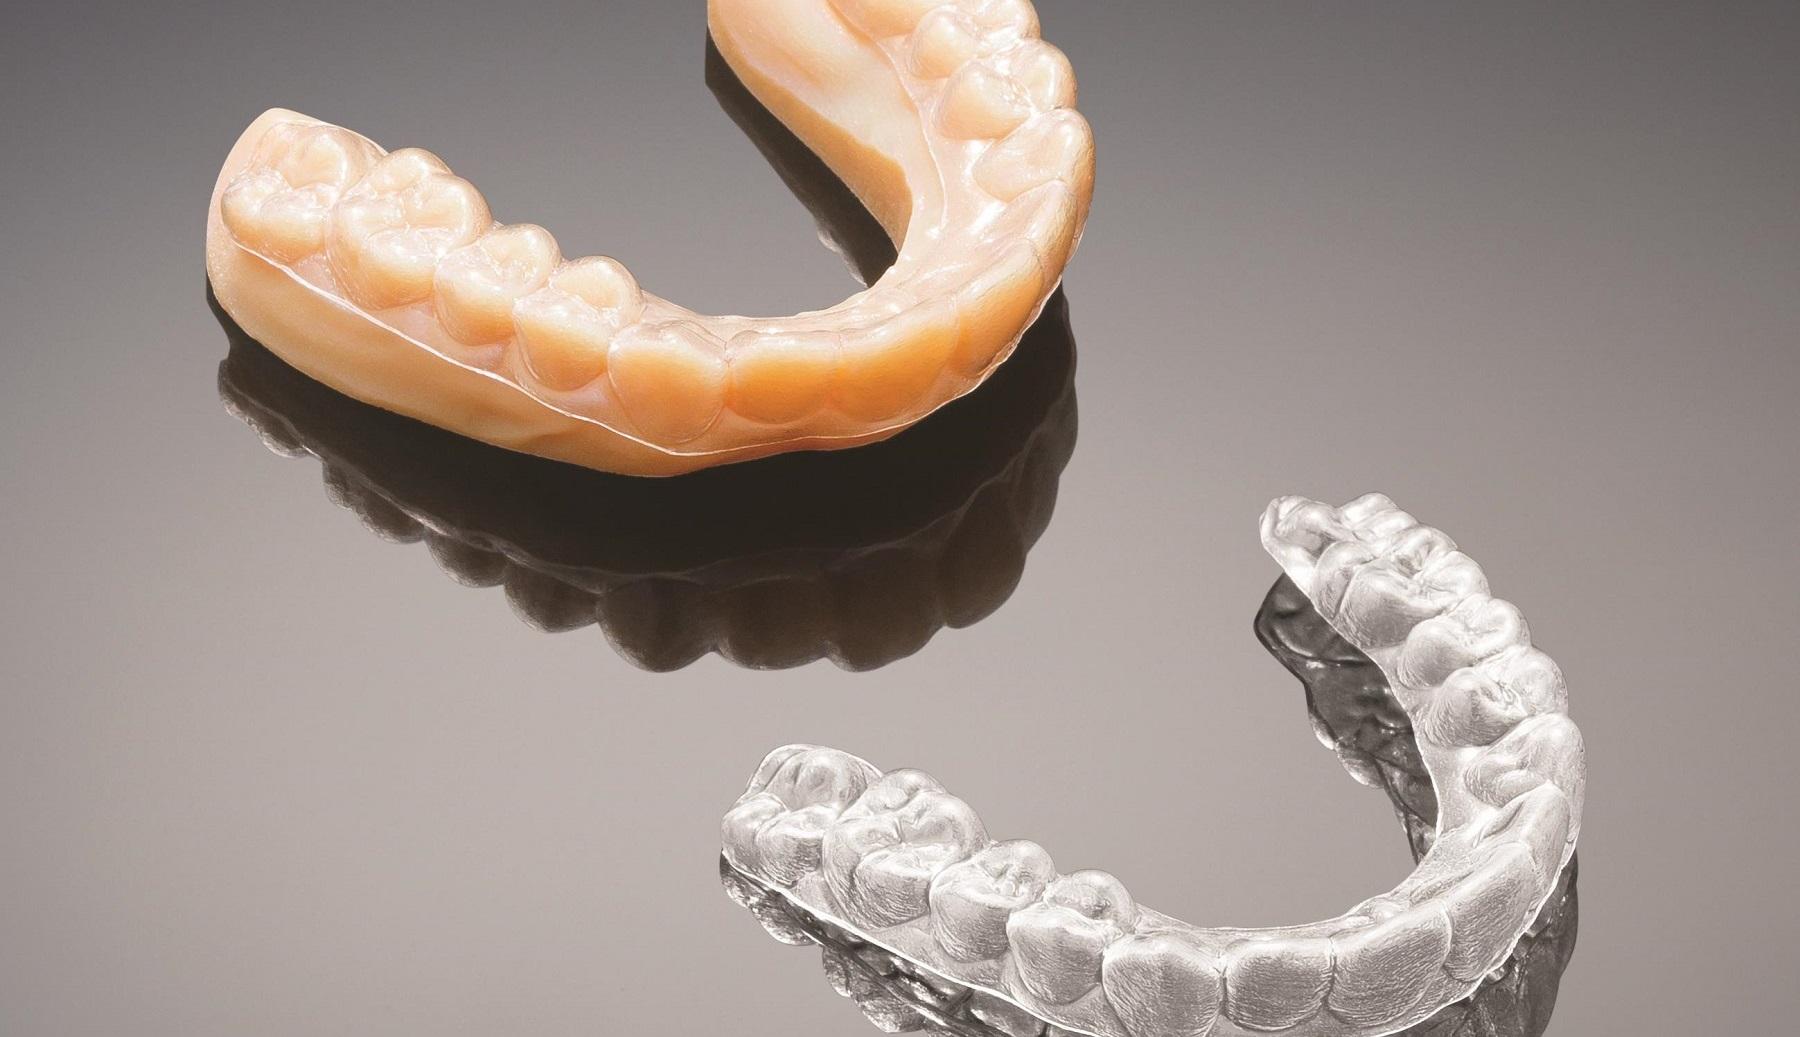 歯科医療用アディティブ・マニュファクチャリング市場が2028年に90億ドル規模へ